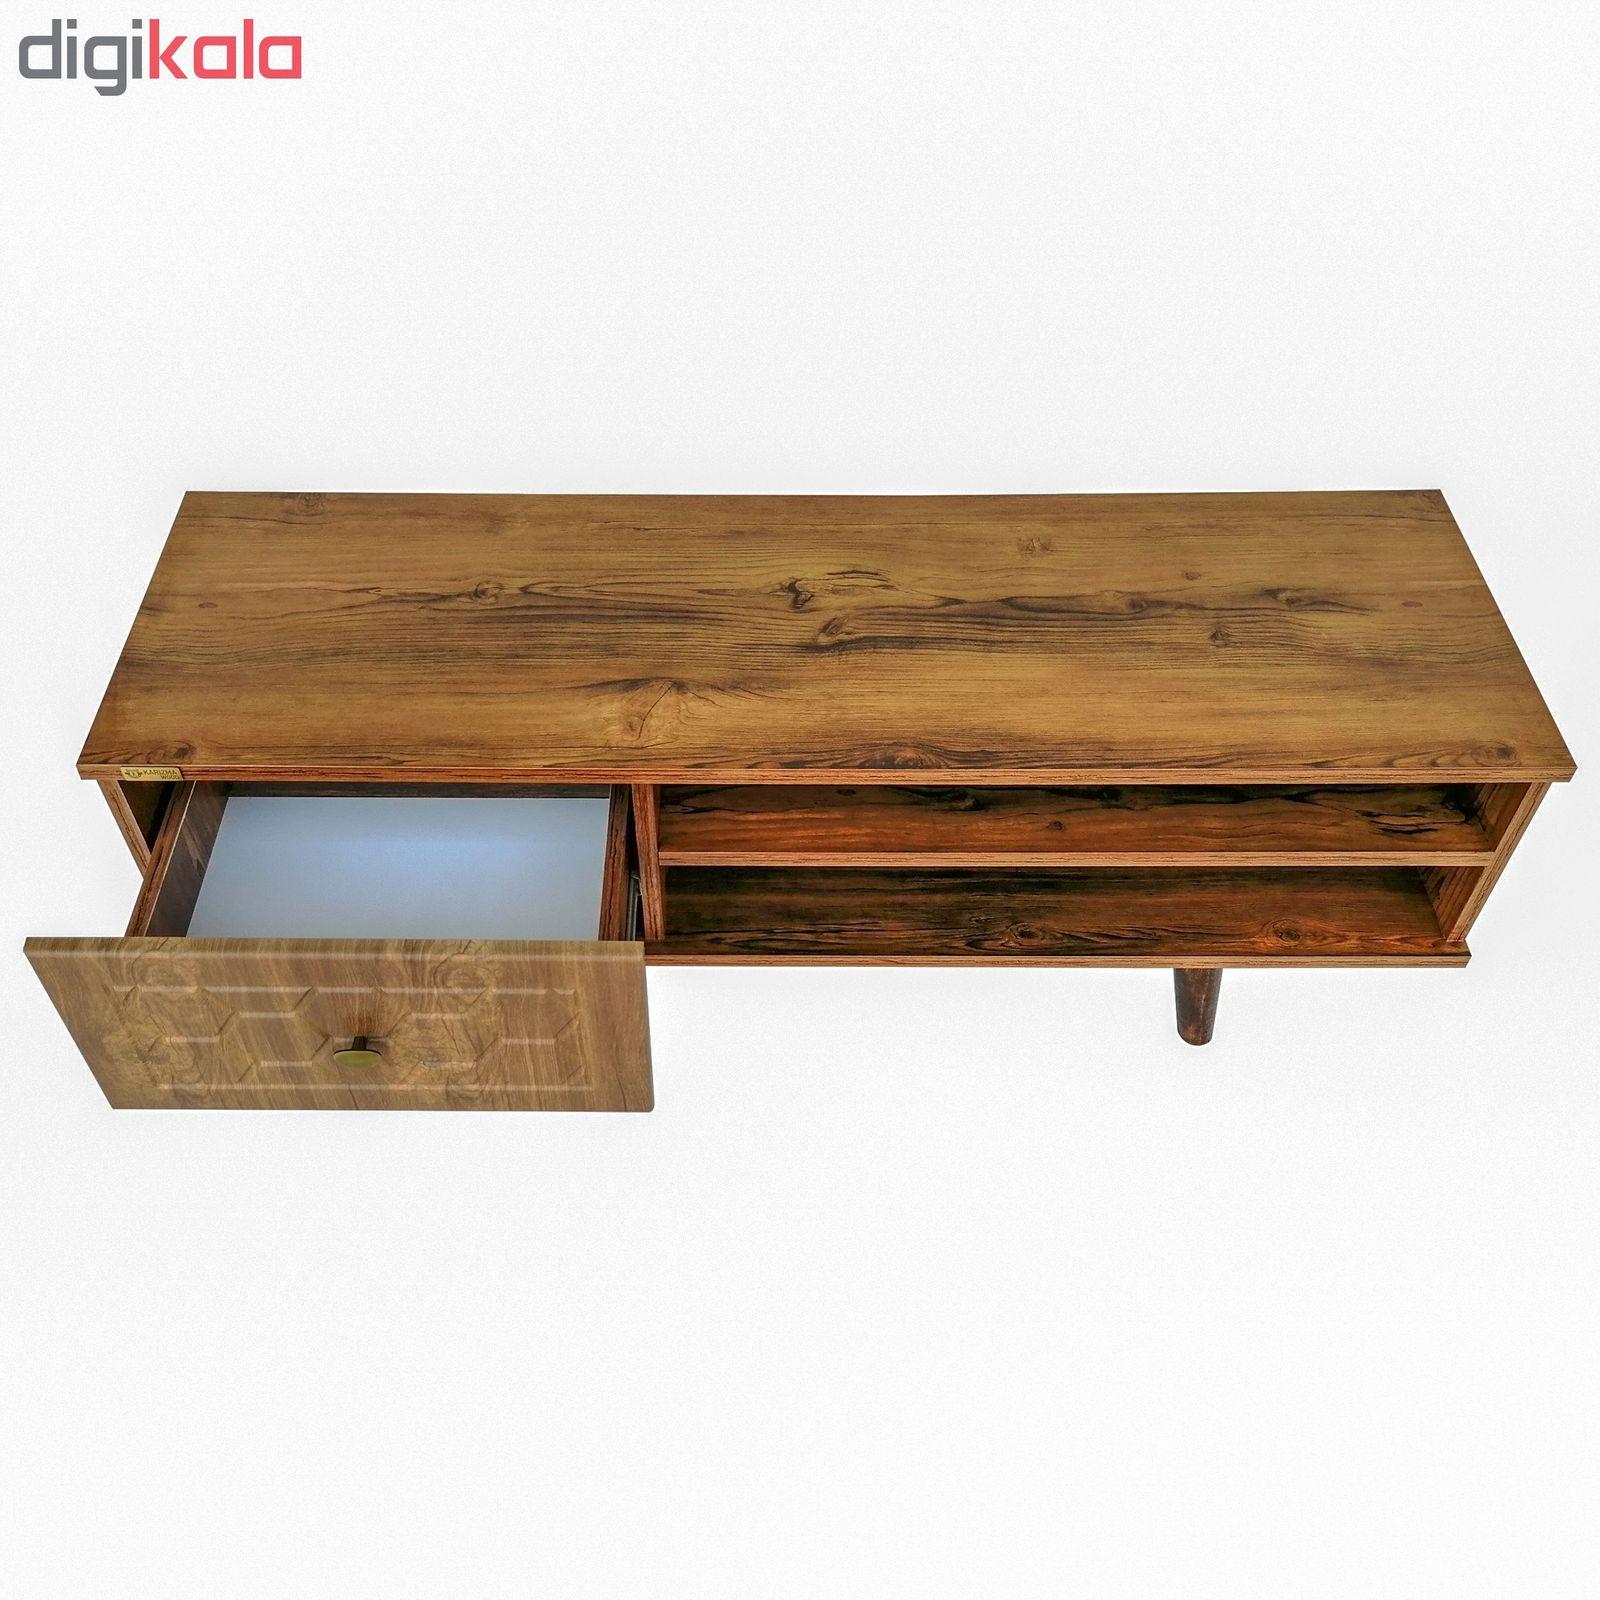 میز تلویزیون کاریزما وود مدل A205 main 1 2